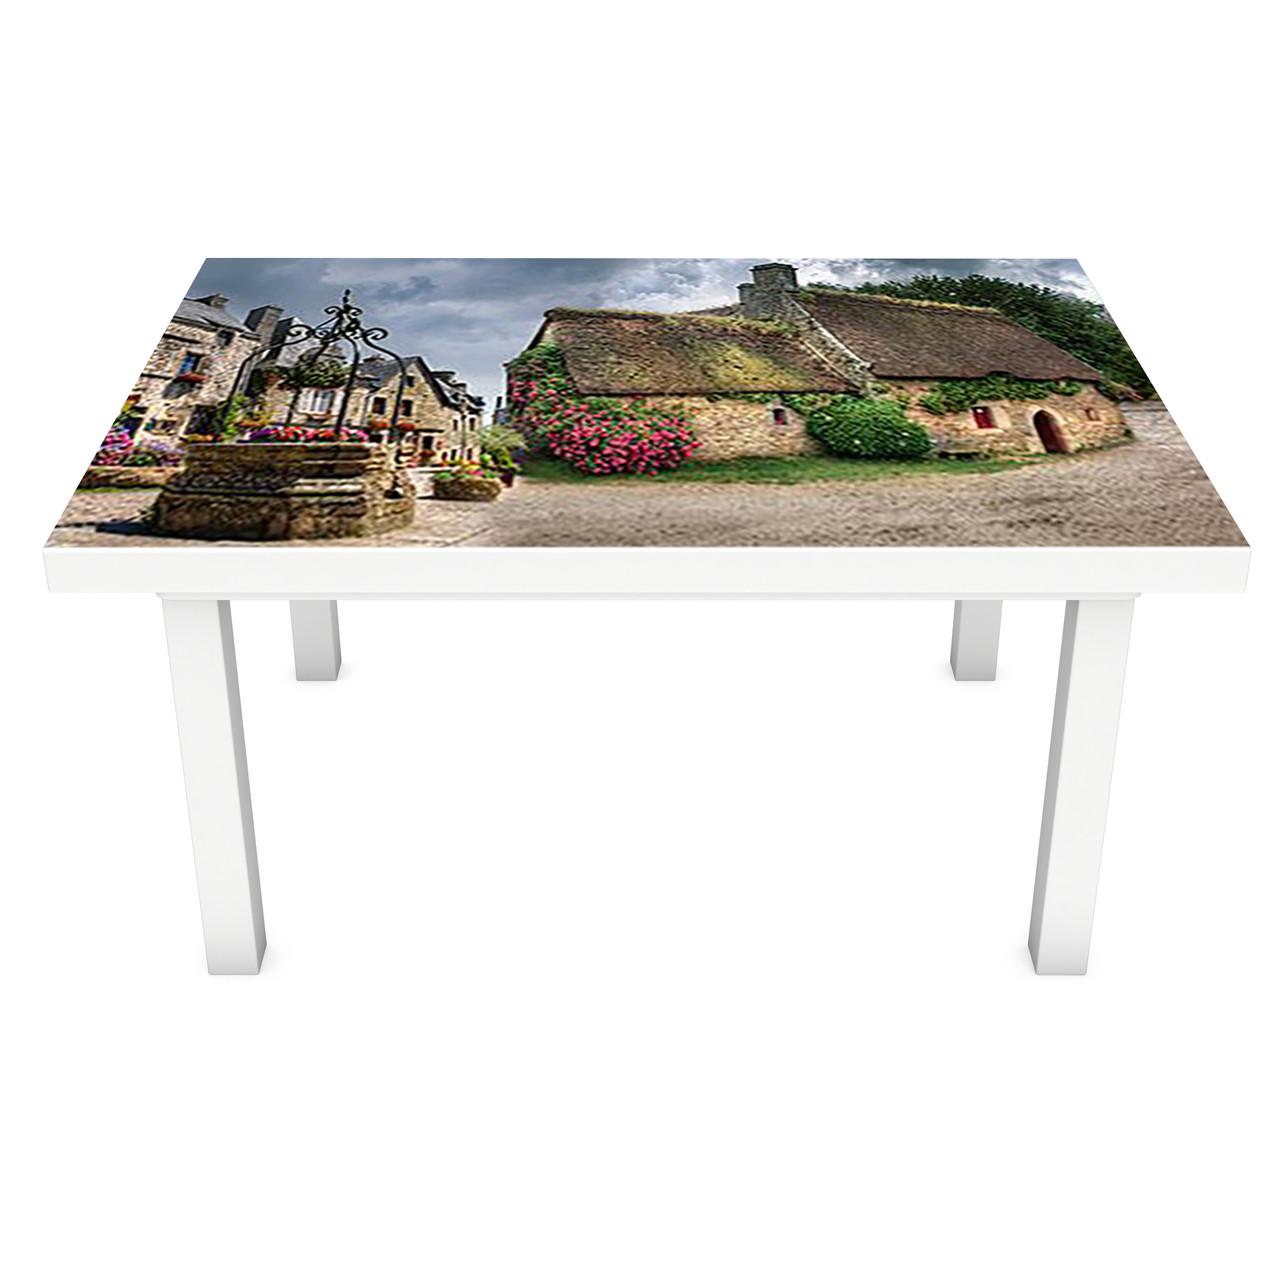 Наклейка на стол виниловая Домики Прованс ПВХ пленка для мебели интерьерная 3D ретро коричневый 600*1200 мм